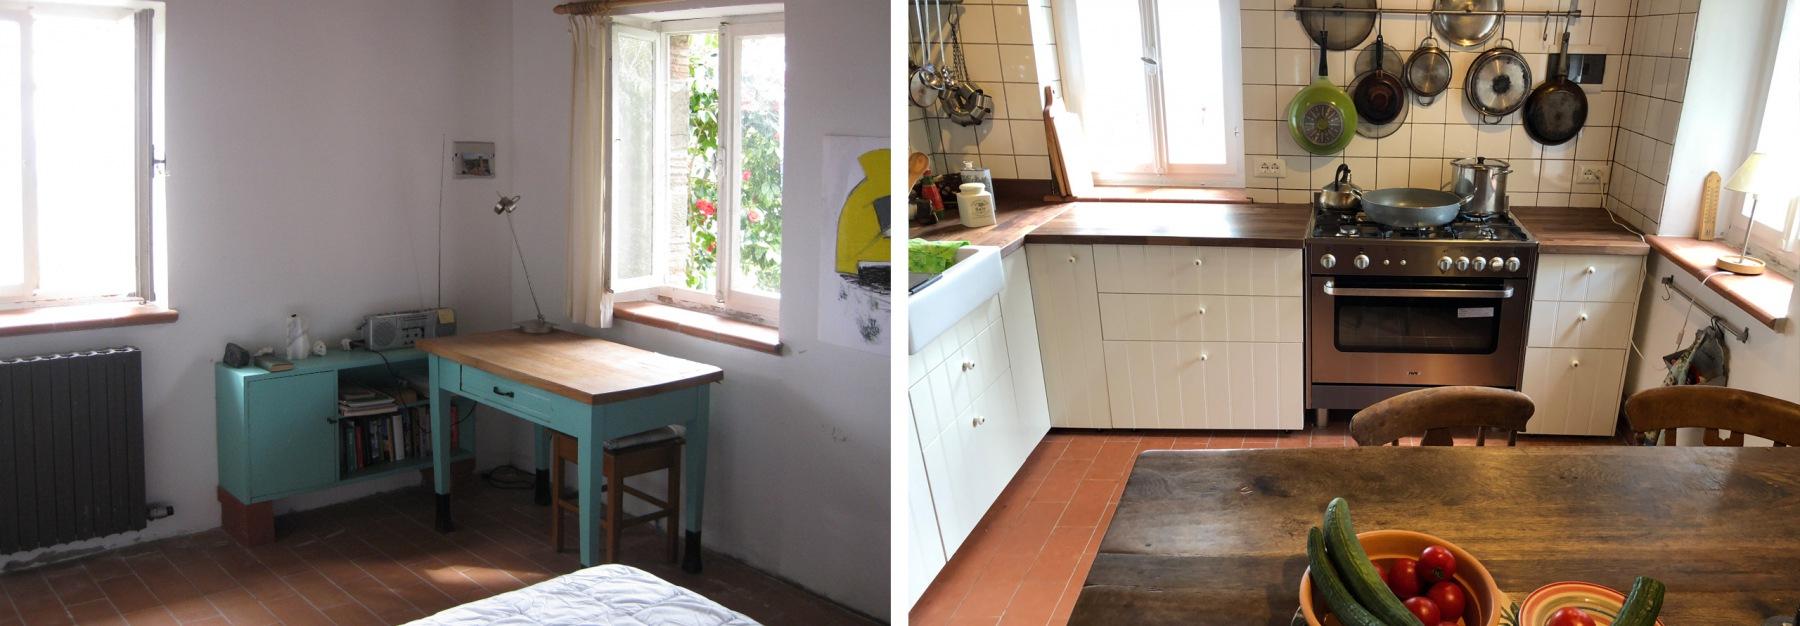 Das Jugendzimmer der Vorbesitzer wurde von uns in eine Küche verwandelt. Die bäuerlichen Vorfahren rösteten hier Ess-Kastanien.